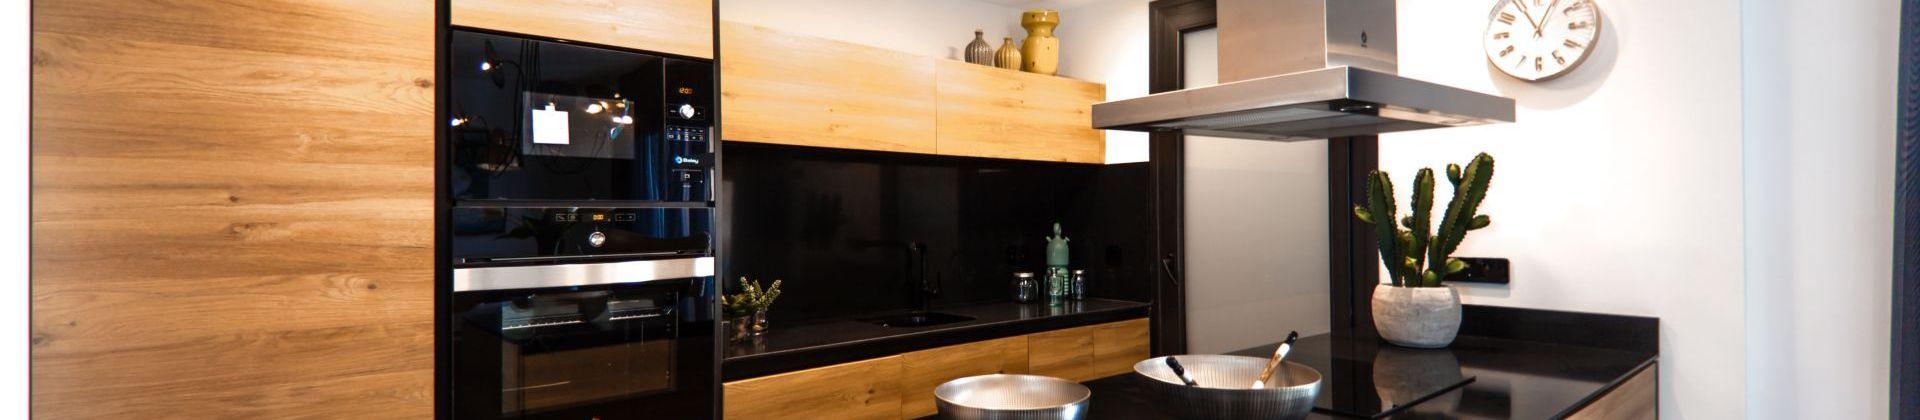 Ile Kosztuje Remont I Wykończenie Kuchni W 2018 Roku